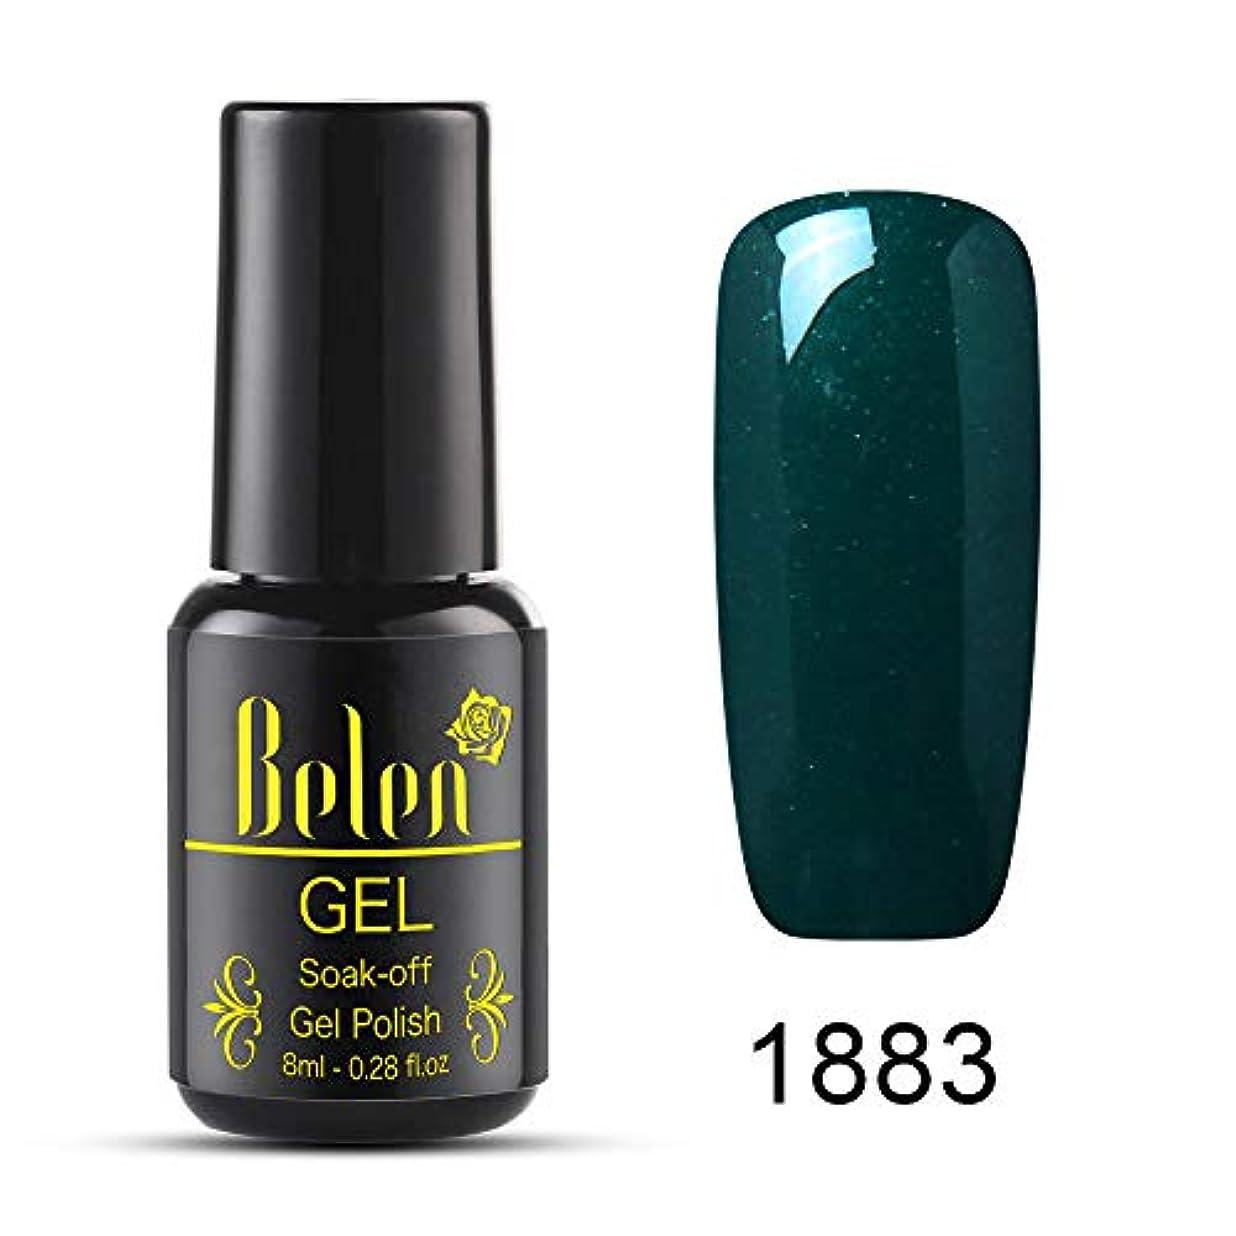 鎖支配する散らすBelen ジェルネイル カラージェル 1色入り 8ml【全38色選択可】